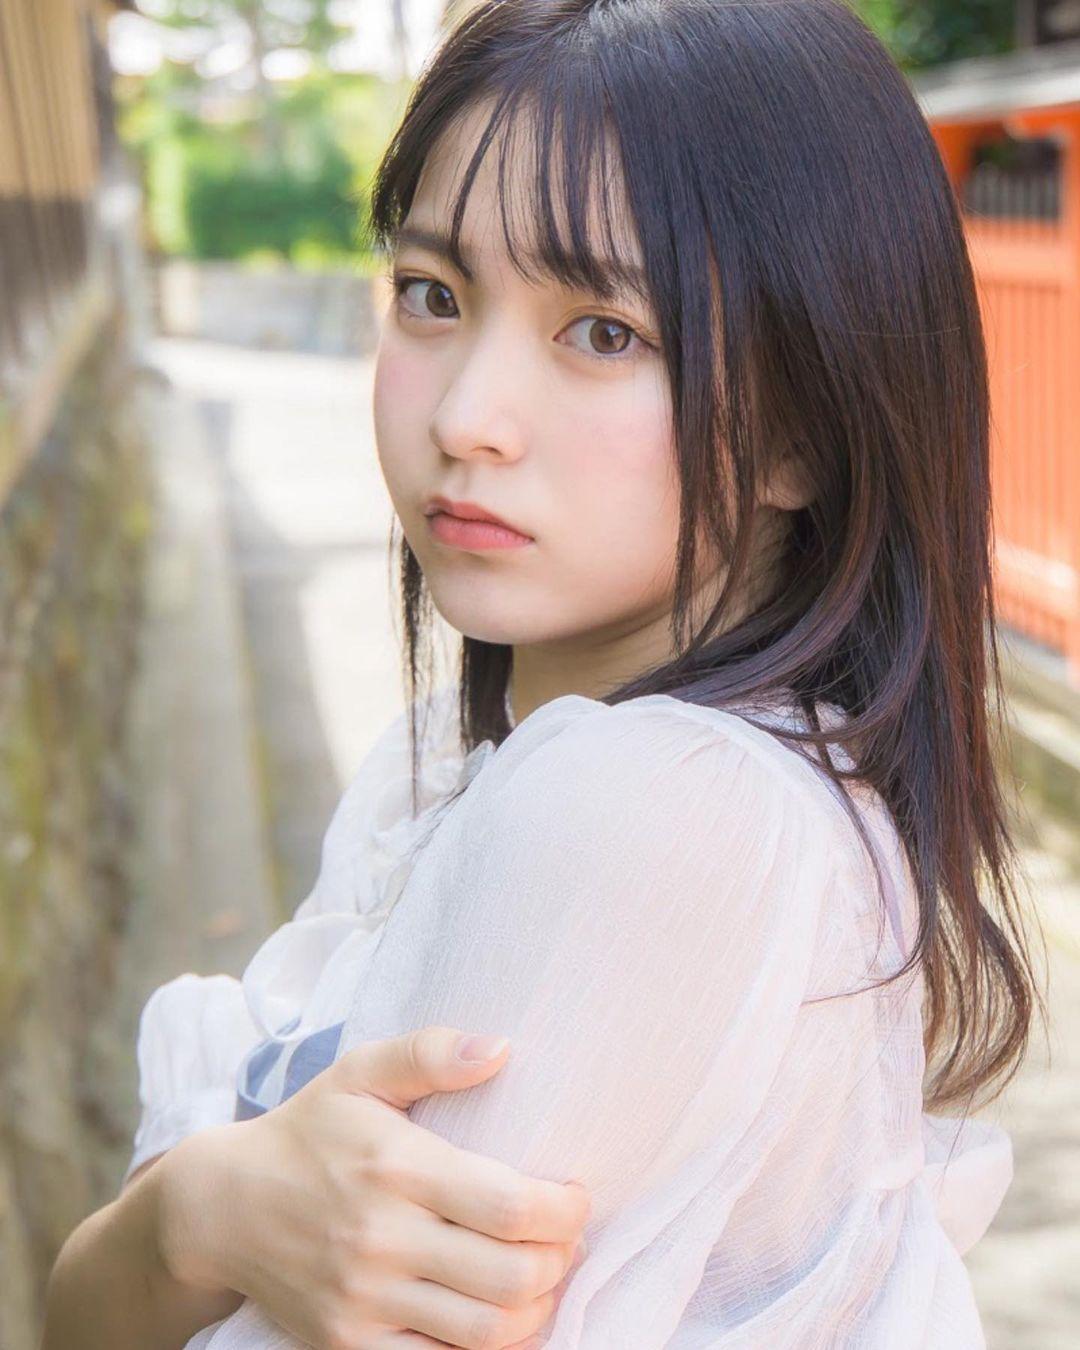 17岁仙女高中生瀬戸りつ绝美长相激似IU 全身散发空灵气质美到有点不真实 养眼图片 第3张